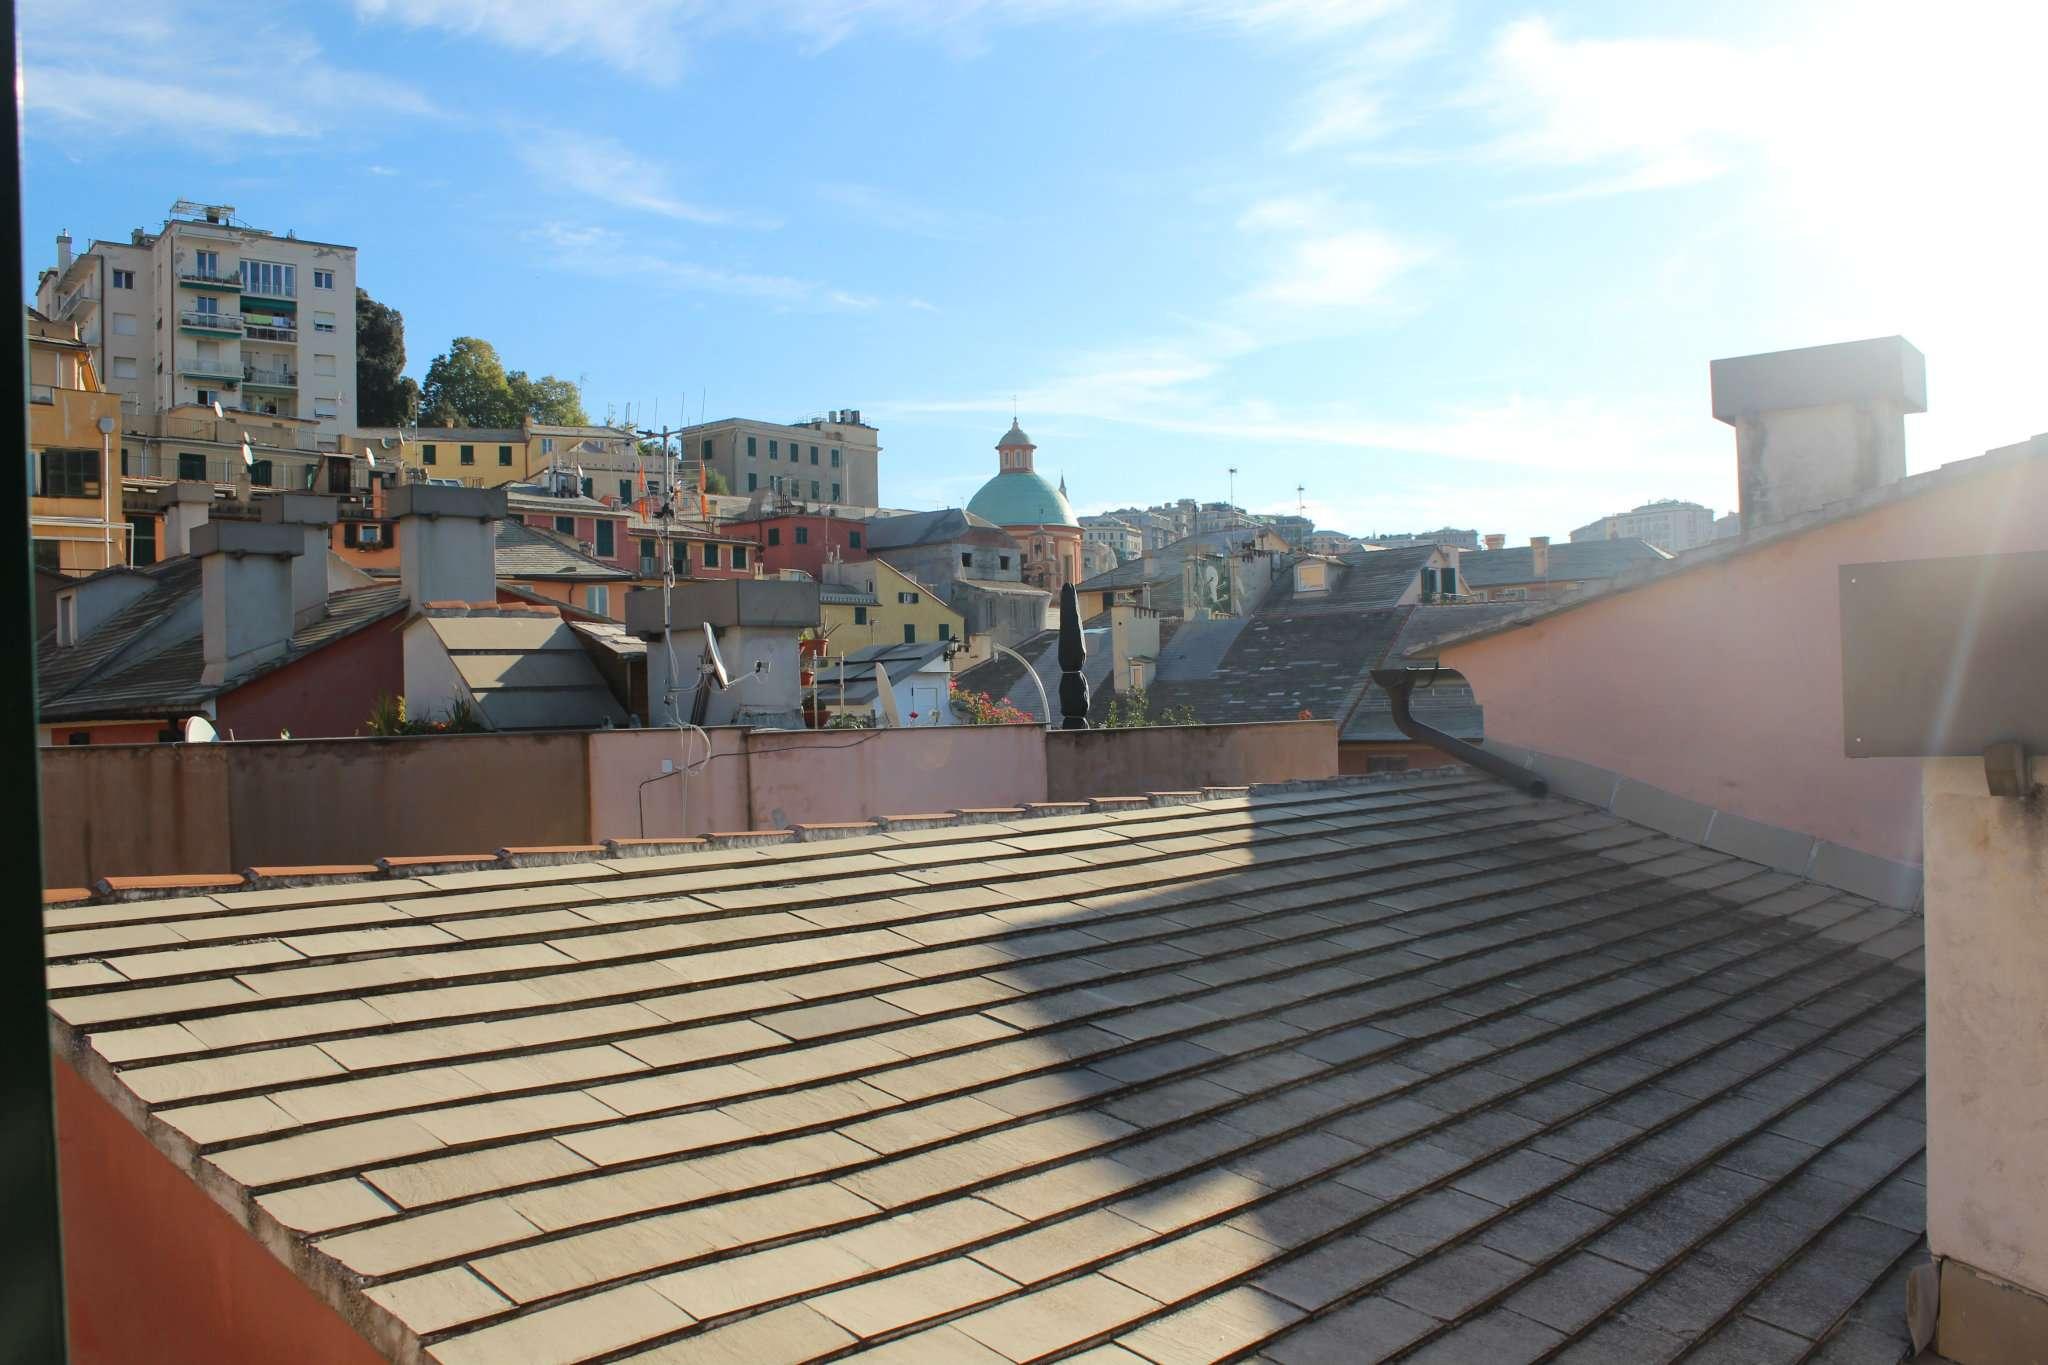 Bilocale Genova Via Prè /commenda 1